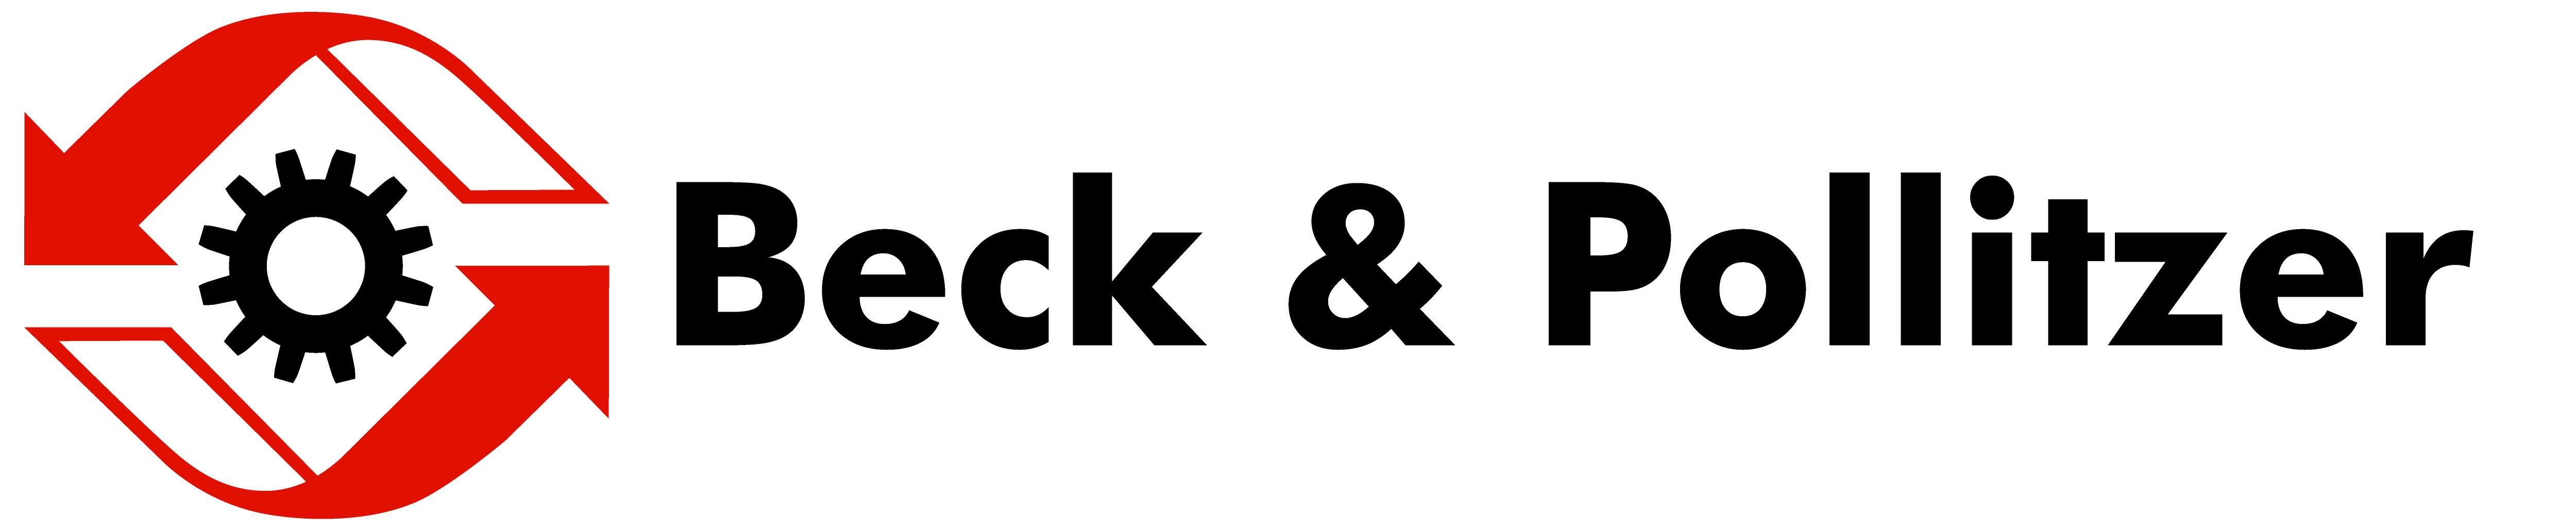 Beck & Pollitzer Ukraine